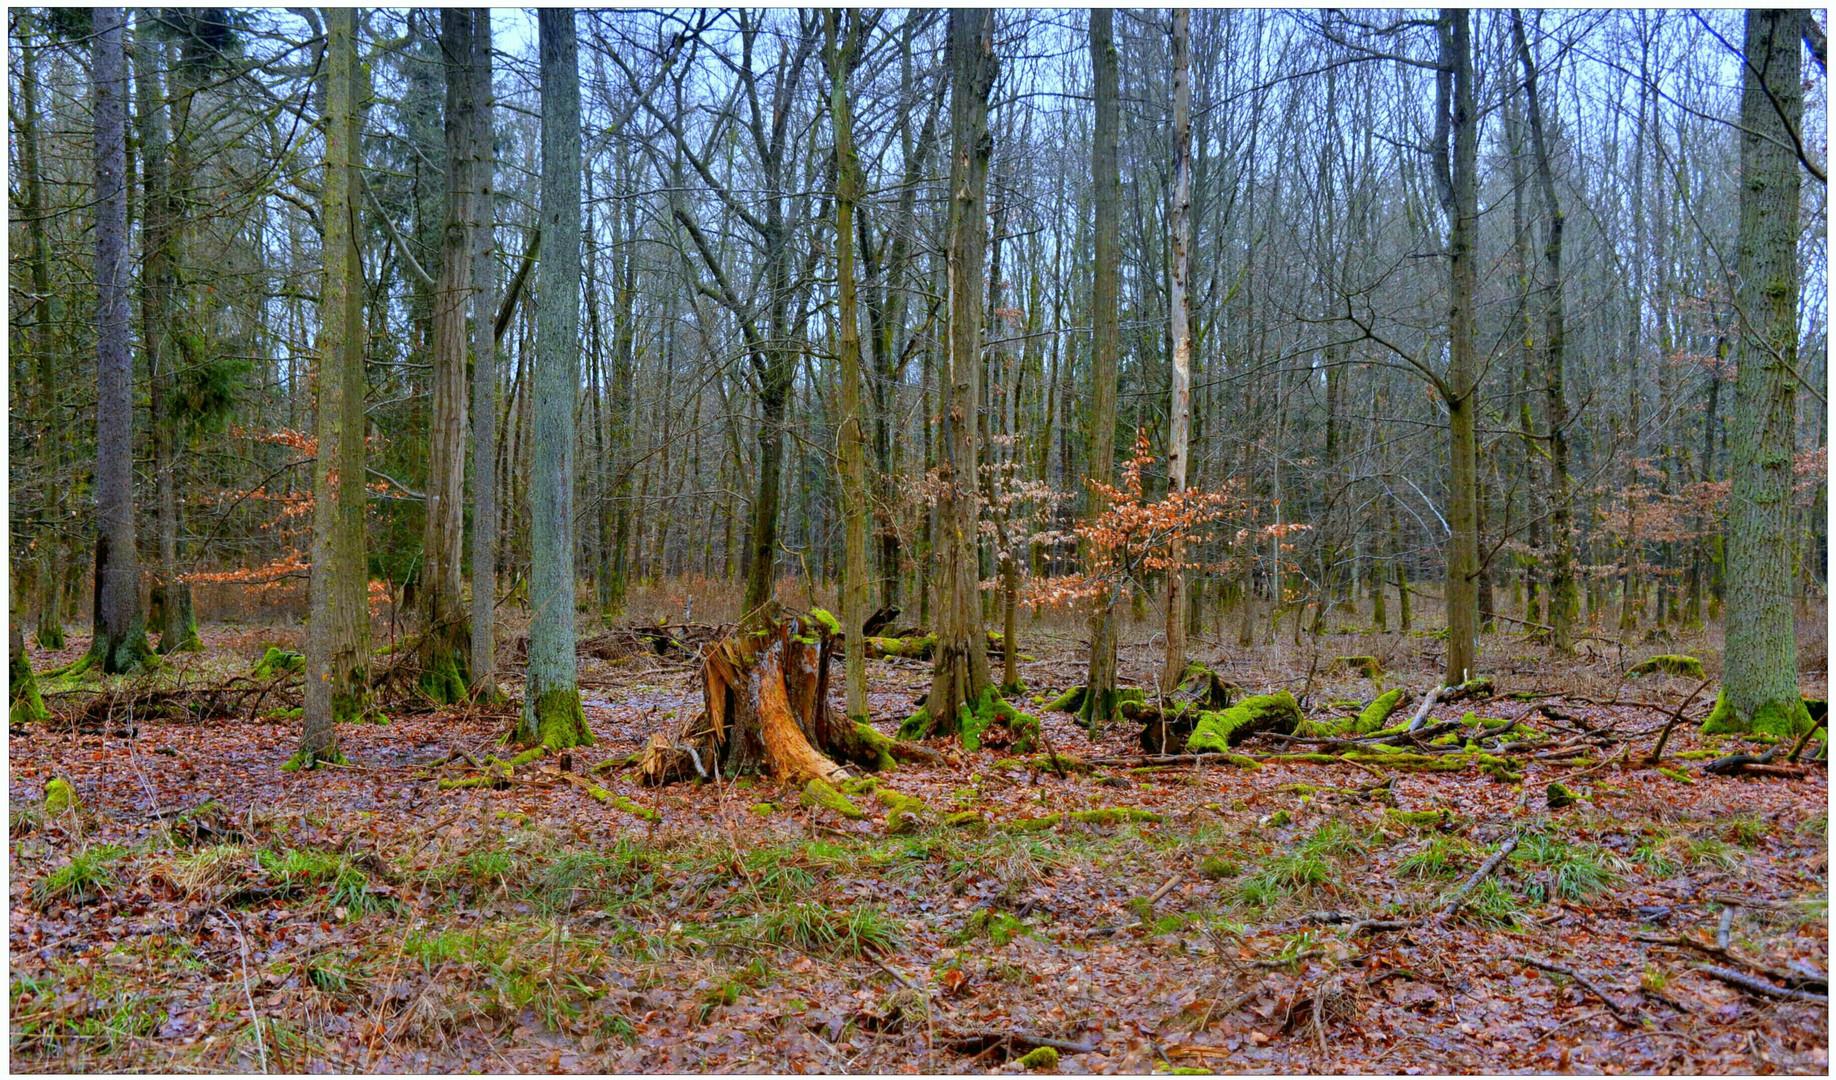 Tauwetter im Wald I (deshielo en el bosque I)